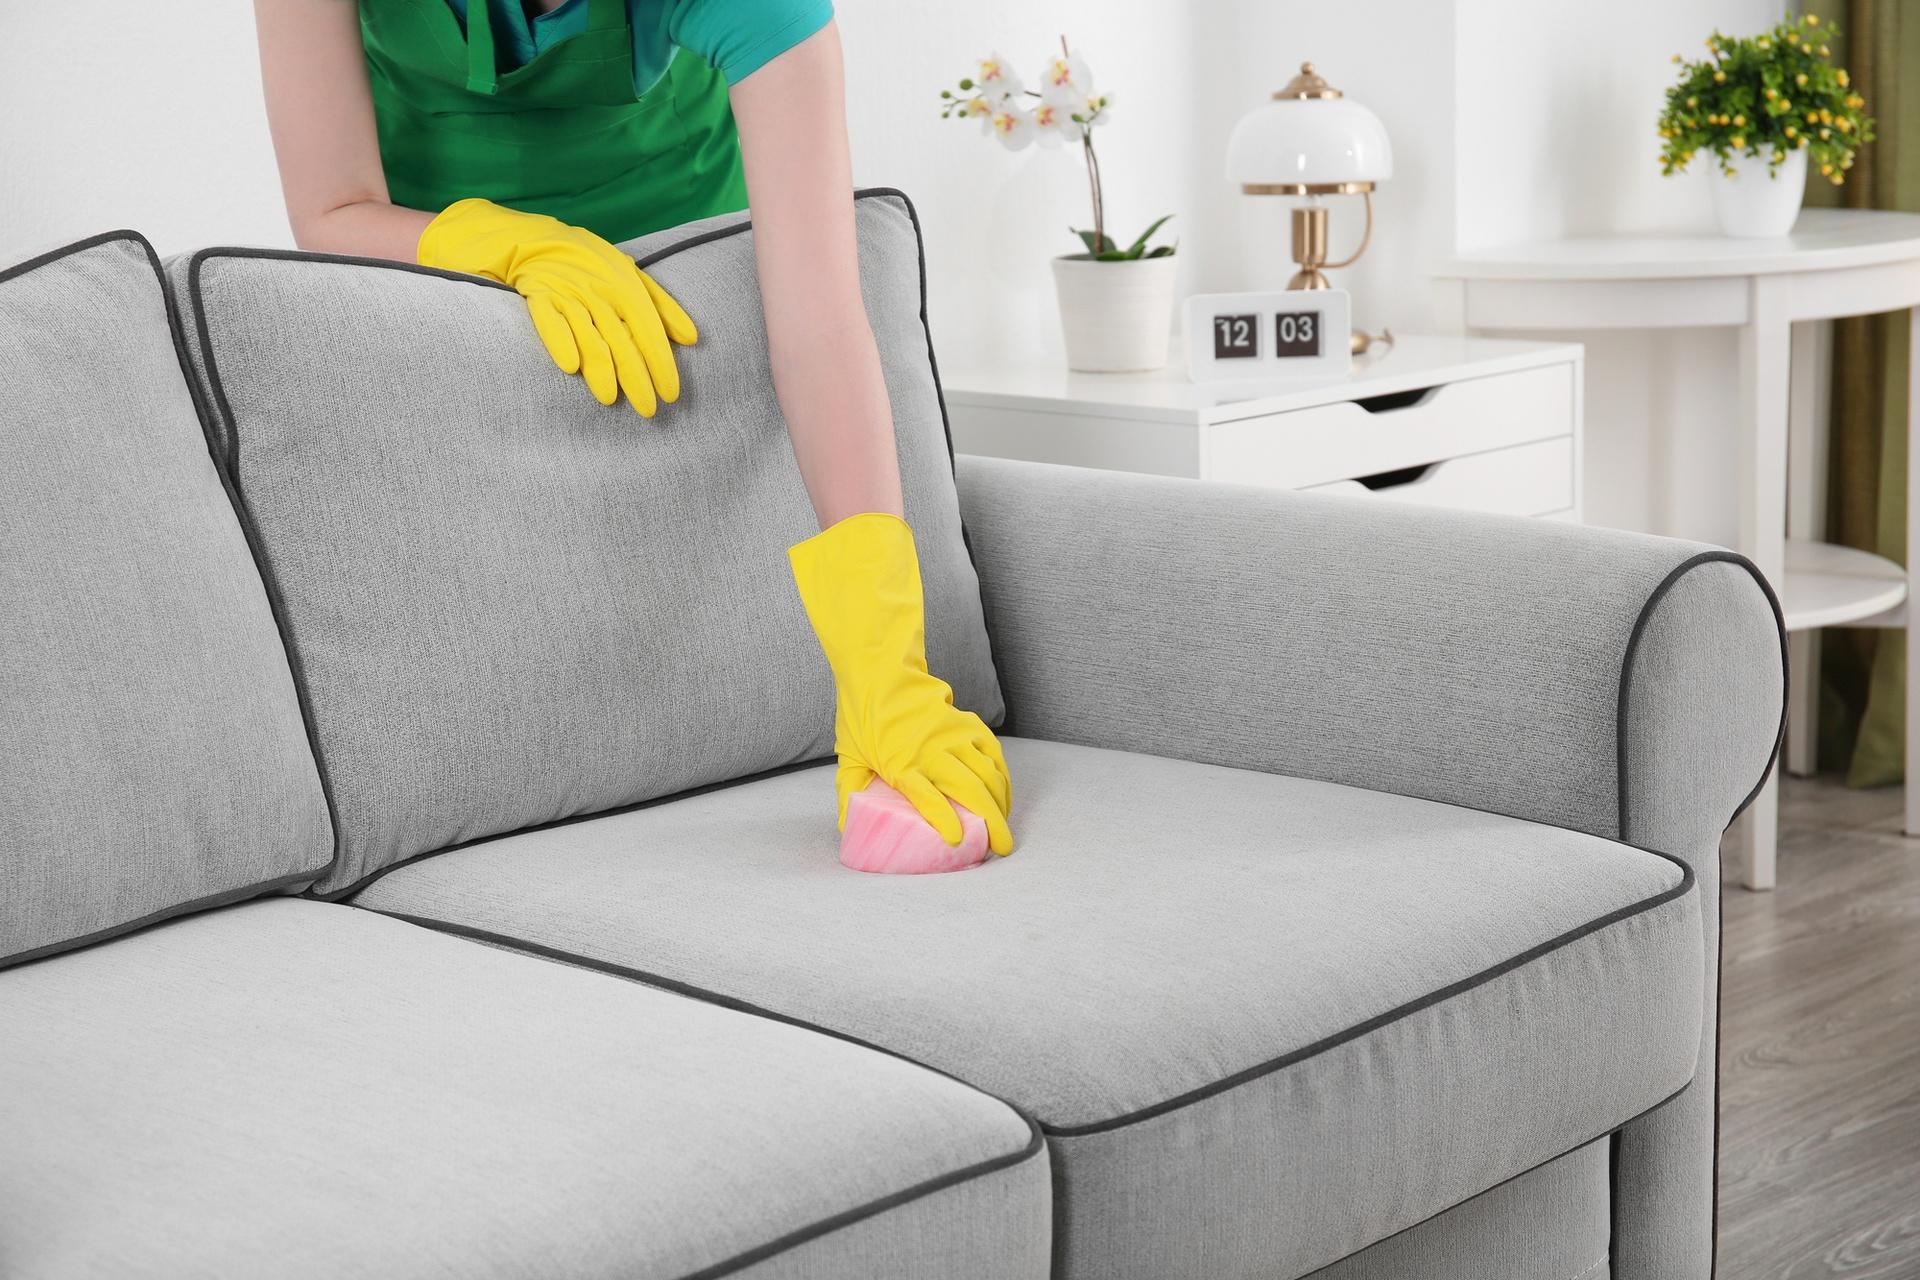 Как легко, быстро и эффективно очистить мягкую мебель от пятен с помощью уксуса